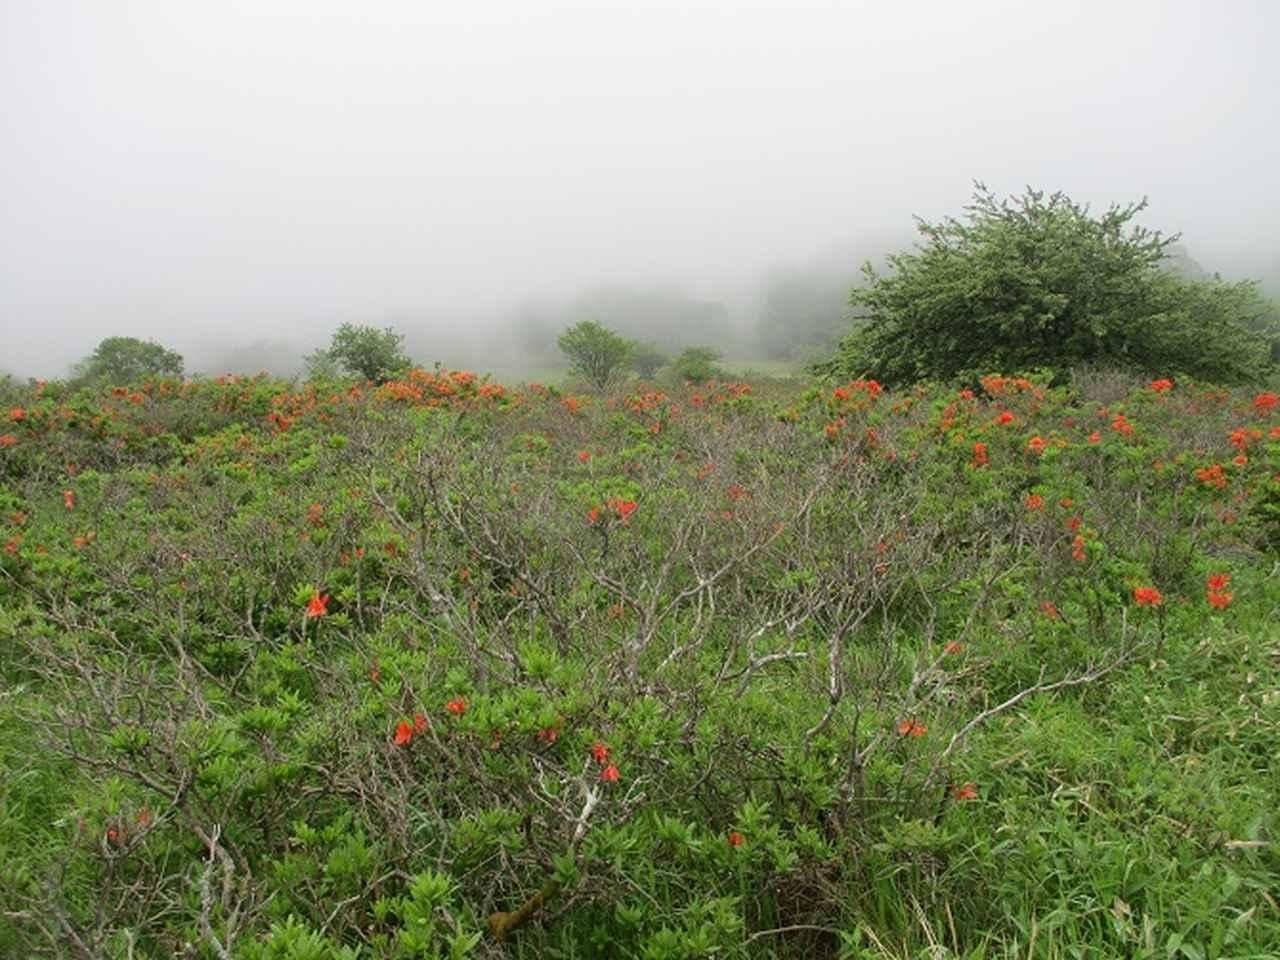 画像3: 7月の山旅会 「男女倉山」 ツアーの下見に行ってきました!